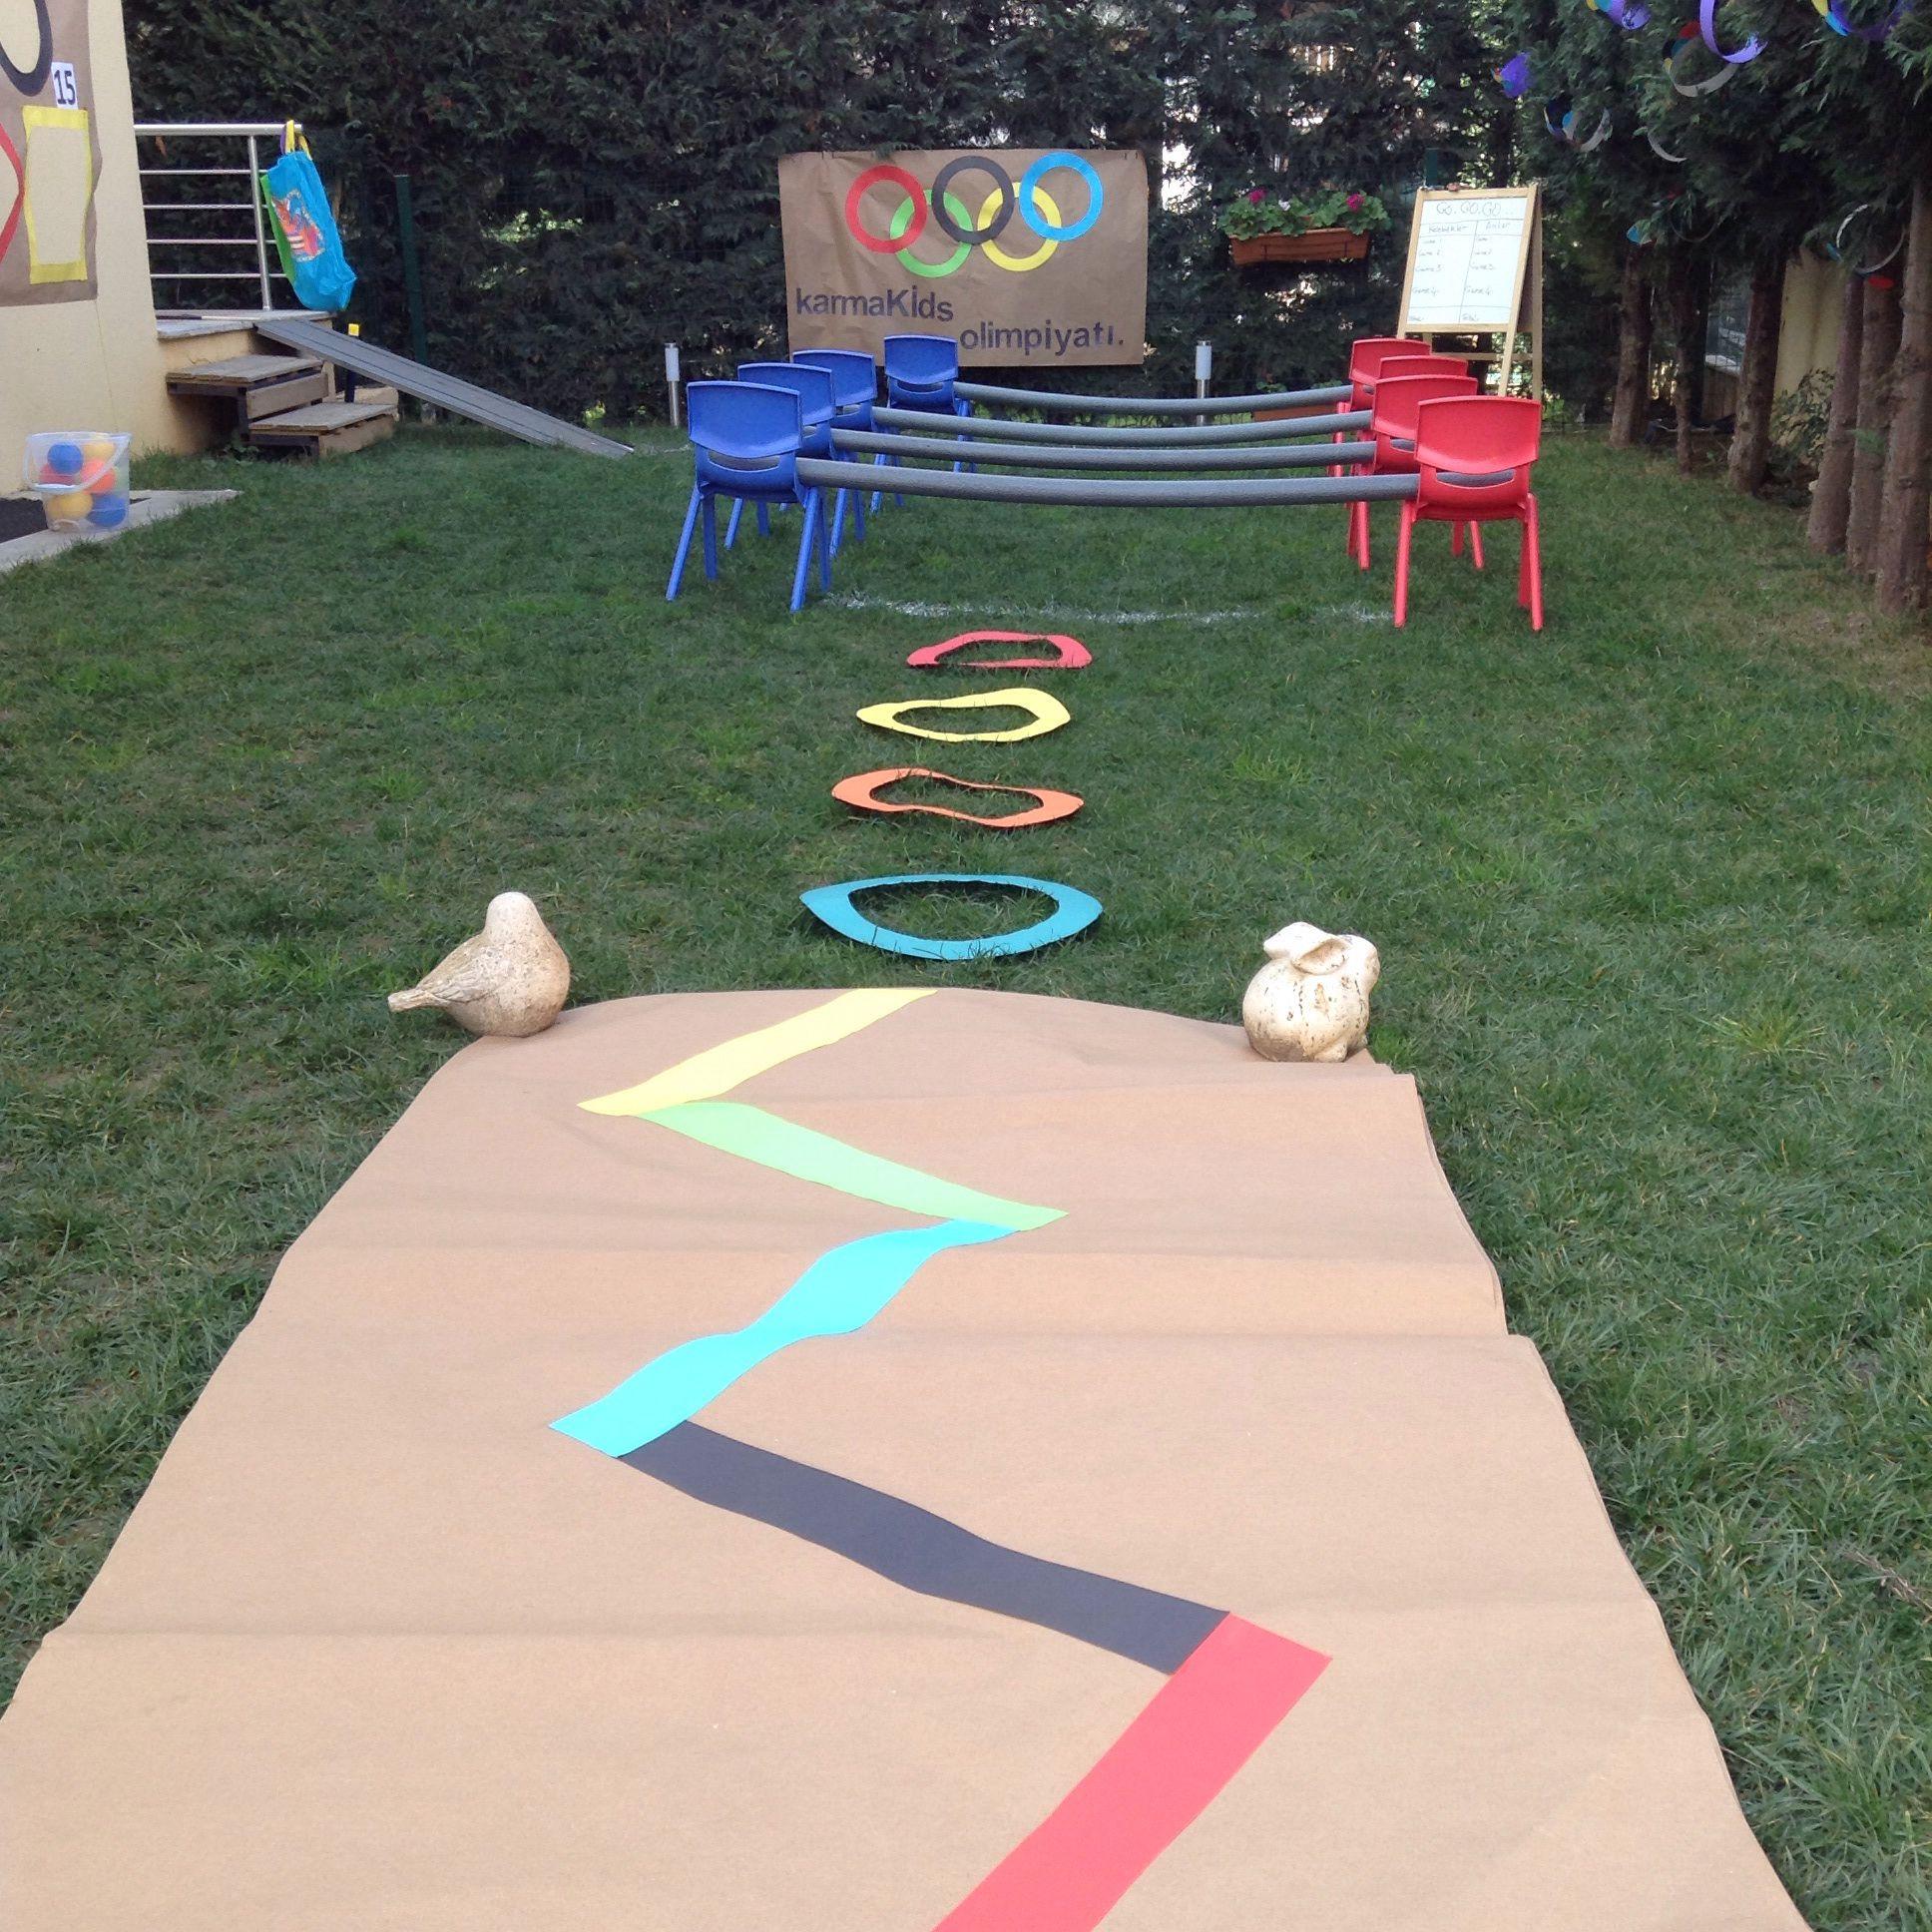 Circuito Juegos Para Niños : Circuito olimpico educacion juegos olímpicos de verano juegos